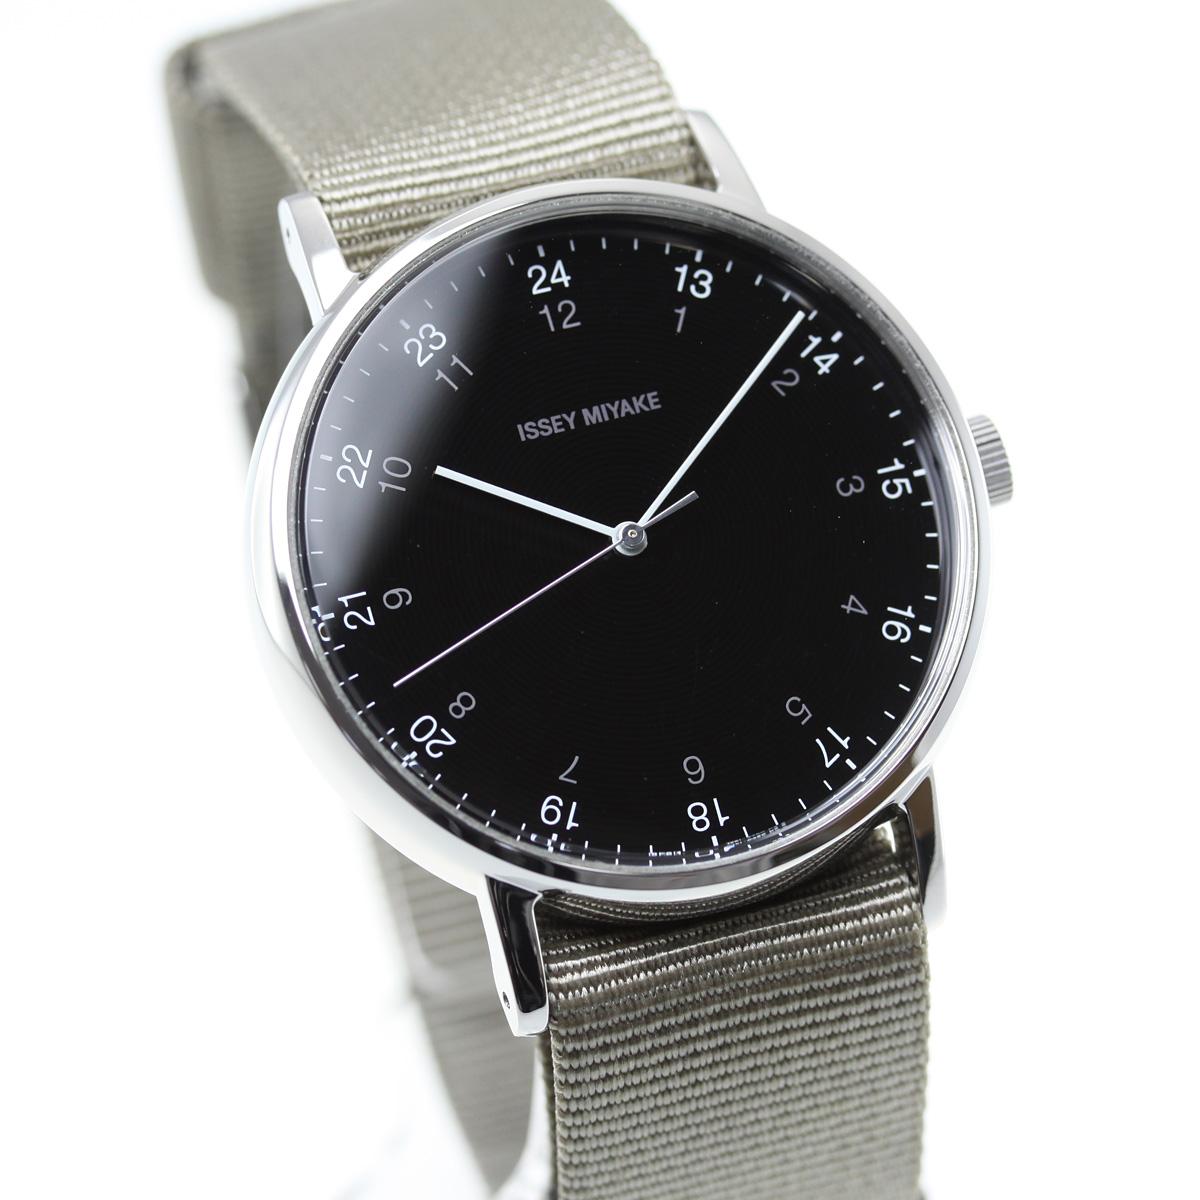 イッセイミヤケ ISSEY MIYAKE 腕時計 メンズ f エフ 岩崎一郎デザイン NYAJ004【2018 新作】